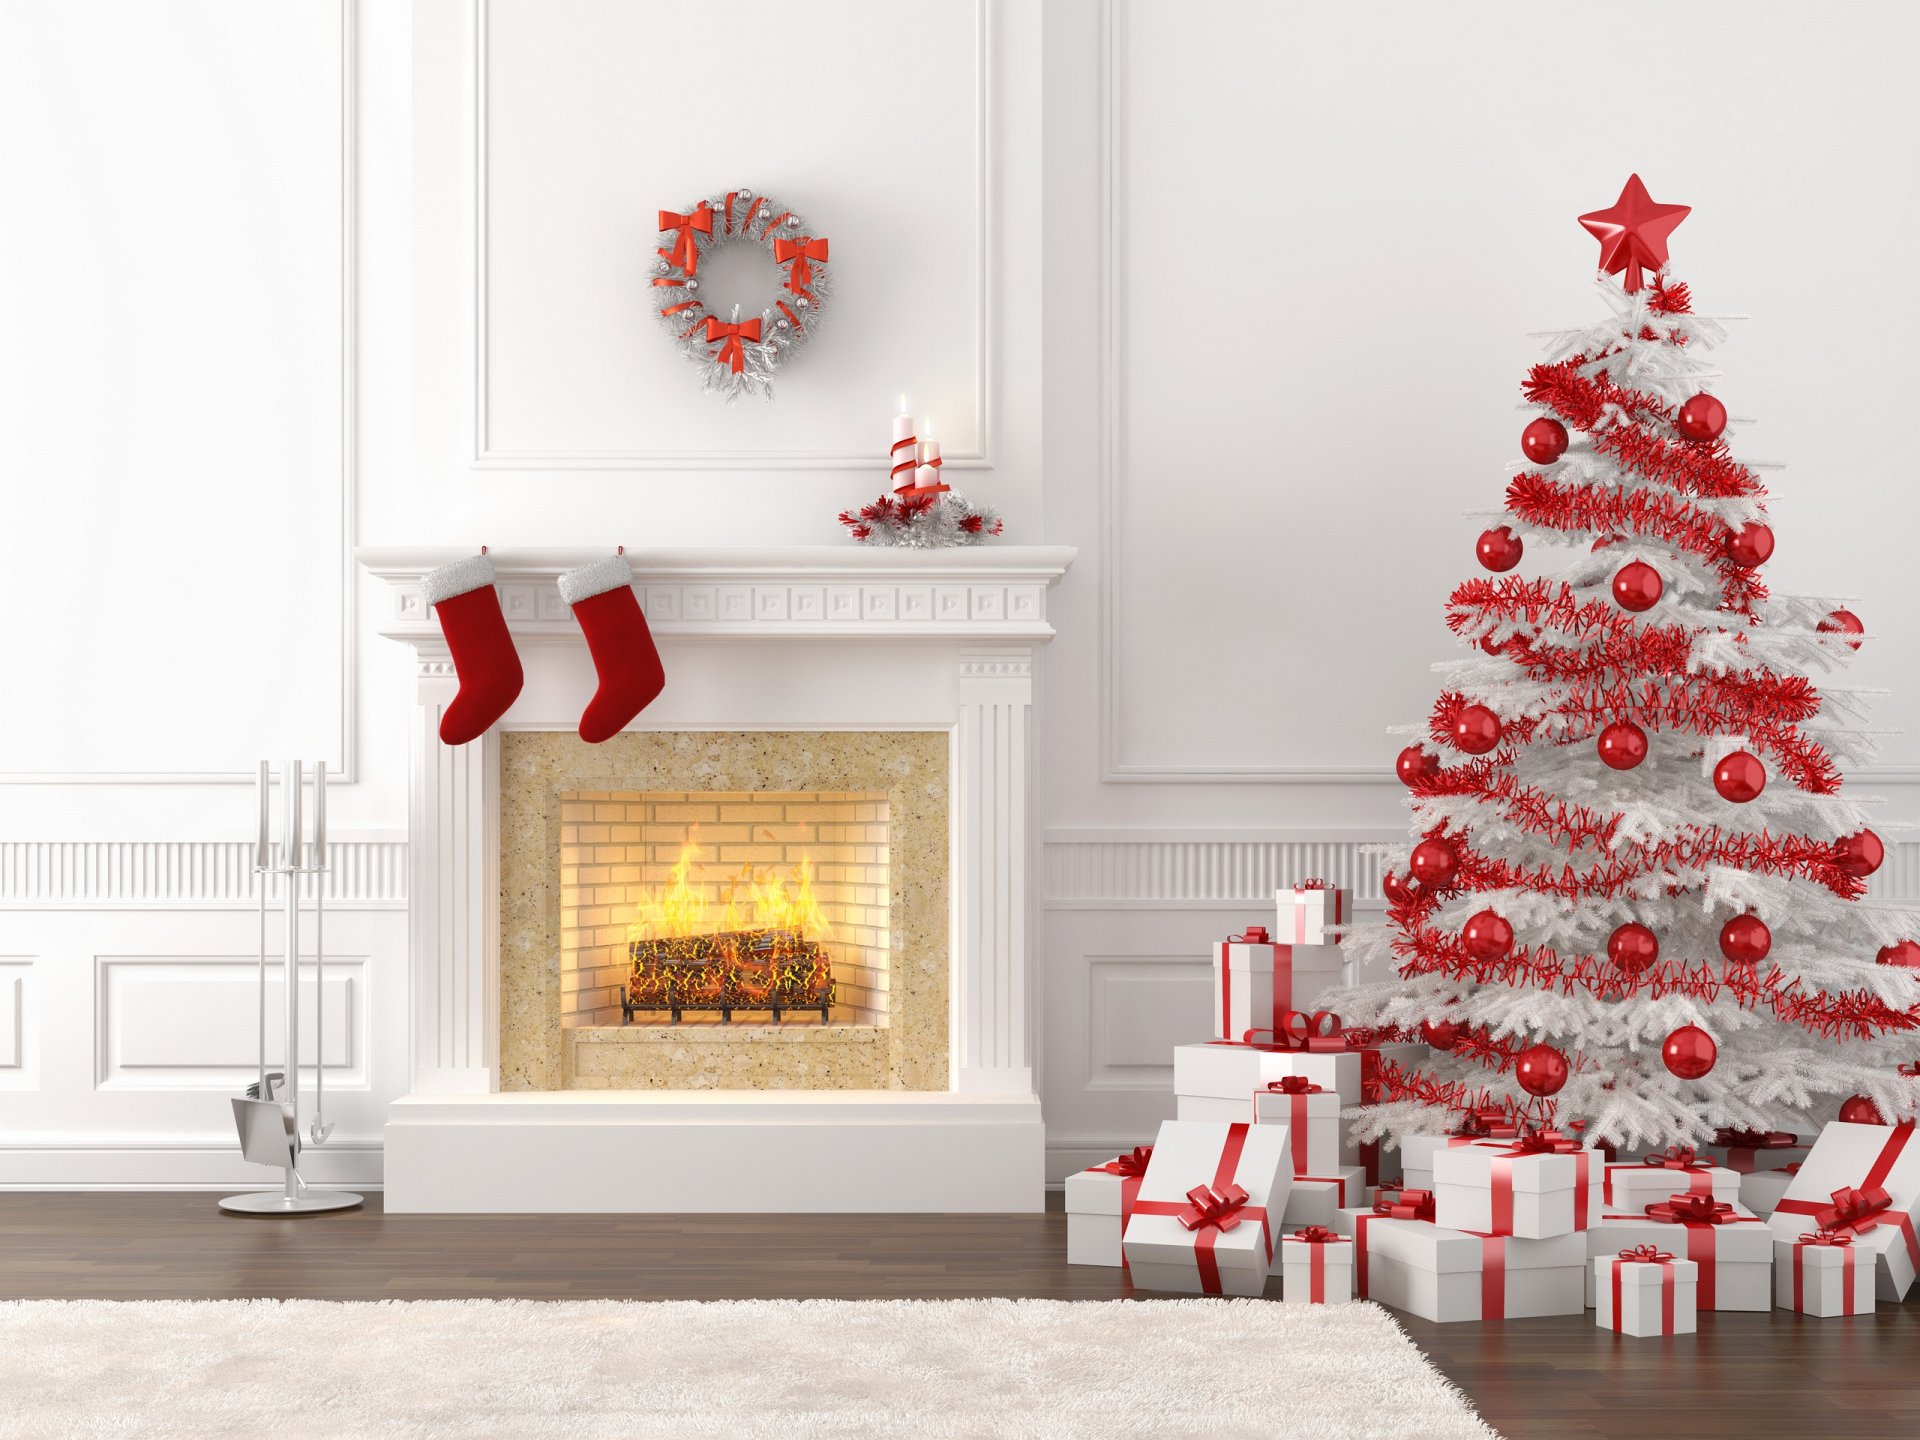 Natale sta arrivando 5 idee regalo per la casa arredobene for Idee regalo natale casa